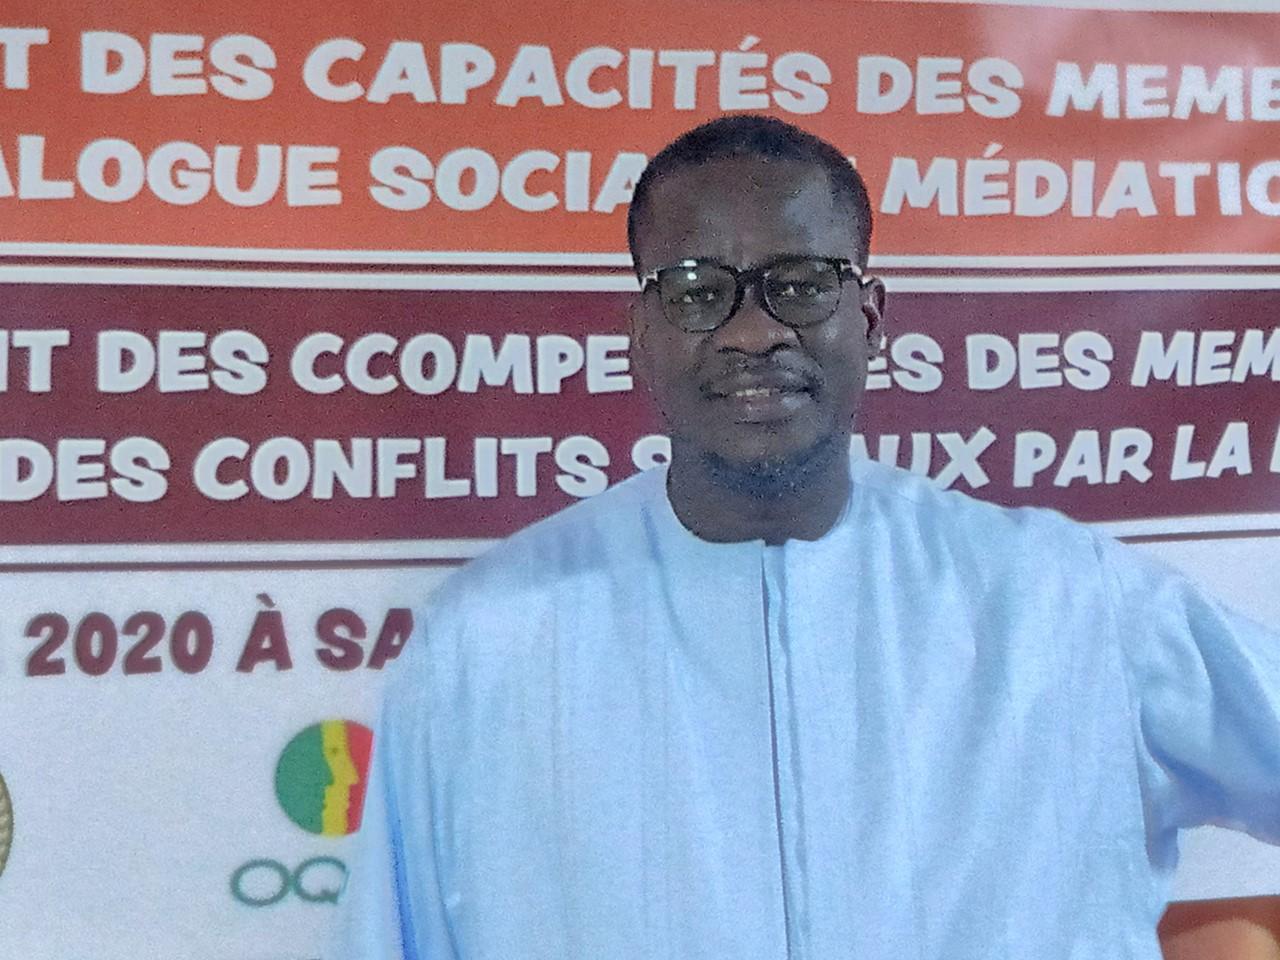 L'OQSF déploie toutes ses énergies pour privilégier la médiation dans le règlement des contentieux financiers, selon Banda Diop